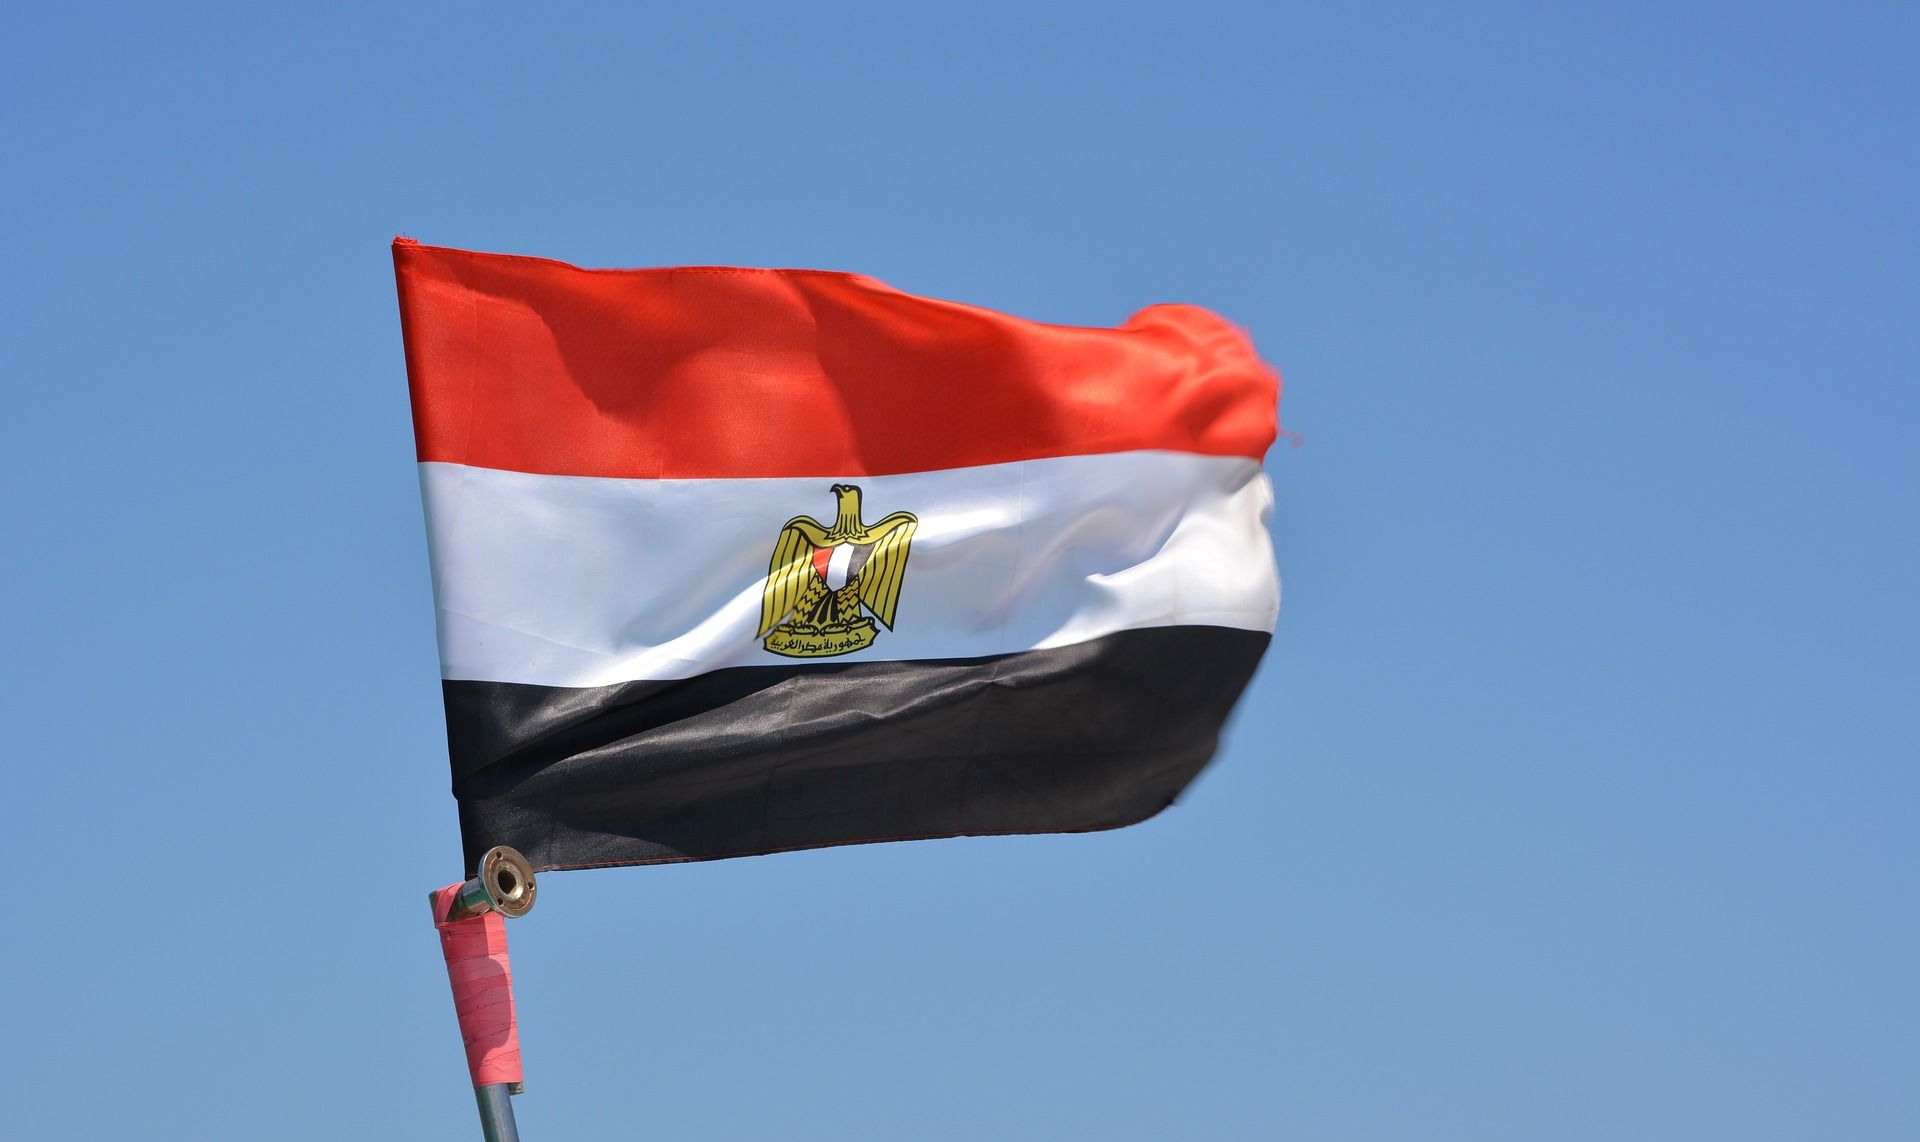 Arapska liga i Egipat za rješenje s dvije države